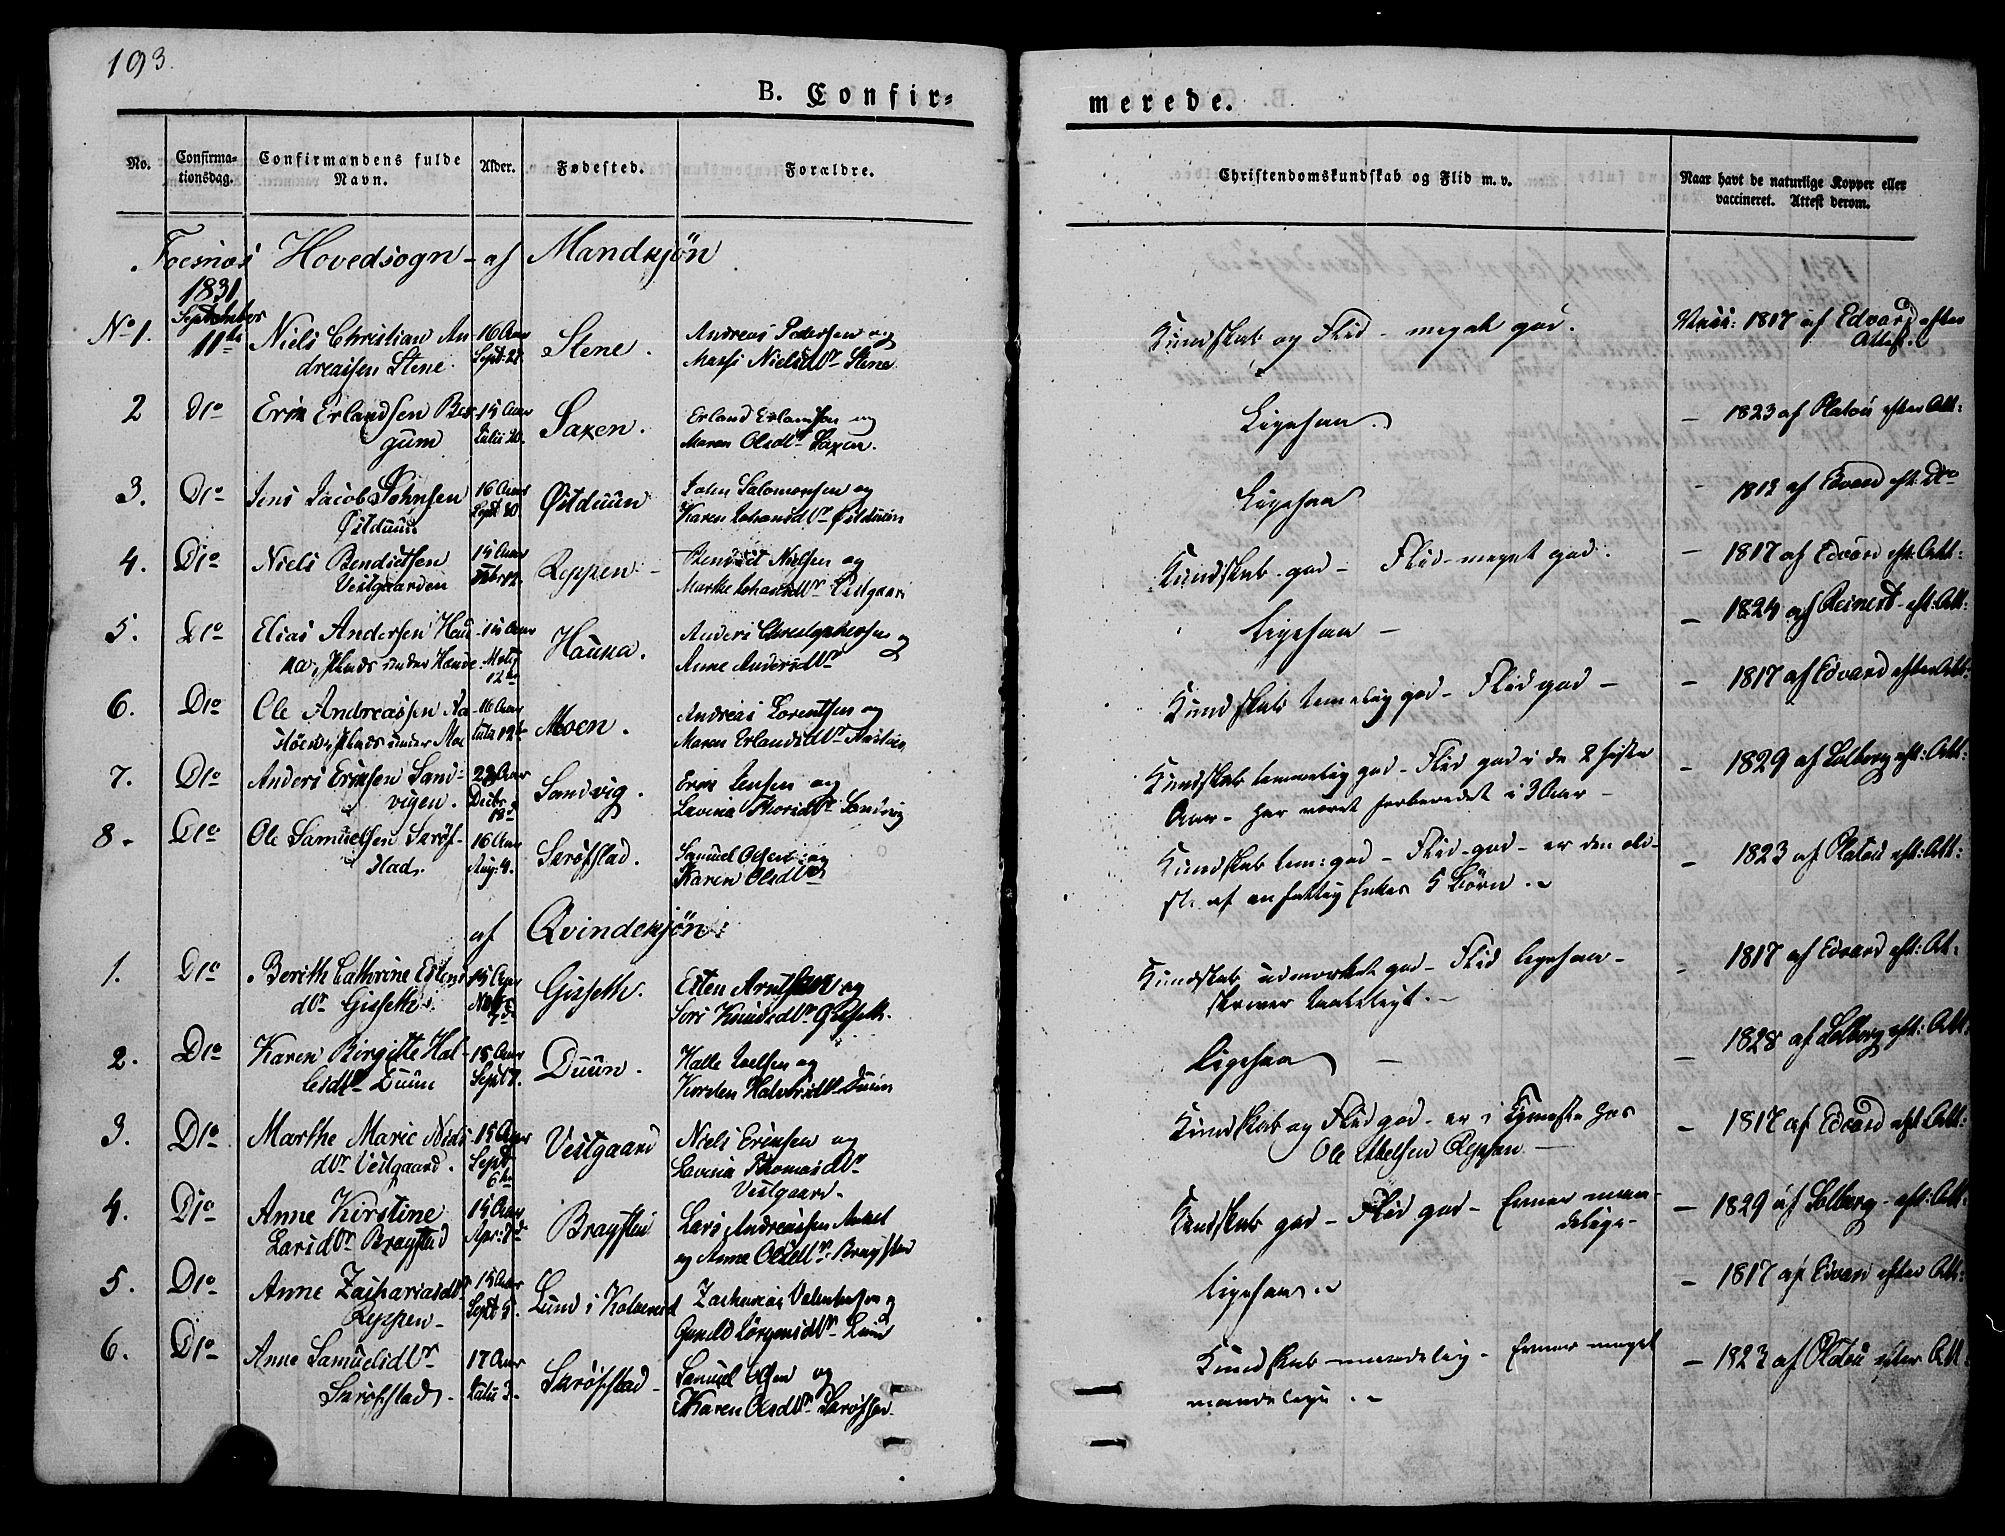 SAT, Ministerialprotokoller, klokkerbøker og fødselsregistre - Nord-Trøndelag, 773/L0614: Ministerialbok nr. 773A05, 1831-1856, s. 193